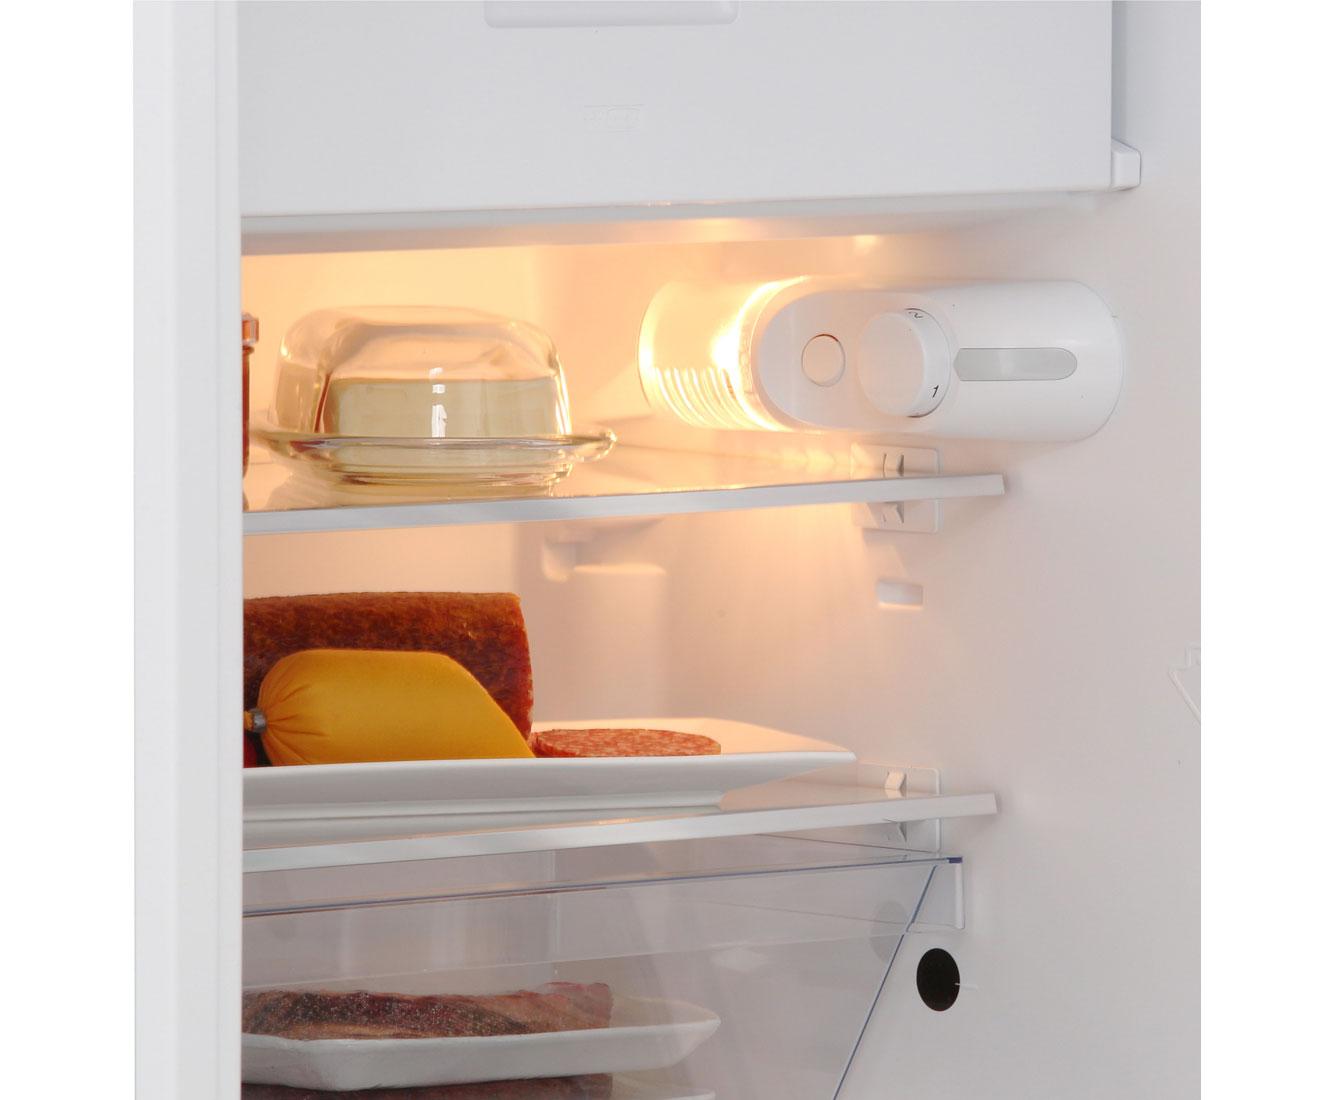 Bosch Kühlschrank Orange : Bosch serie 6 kul15a65 einbau kühlschrank mit gefrierfach 82er